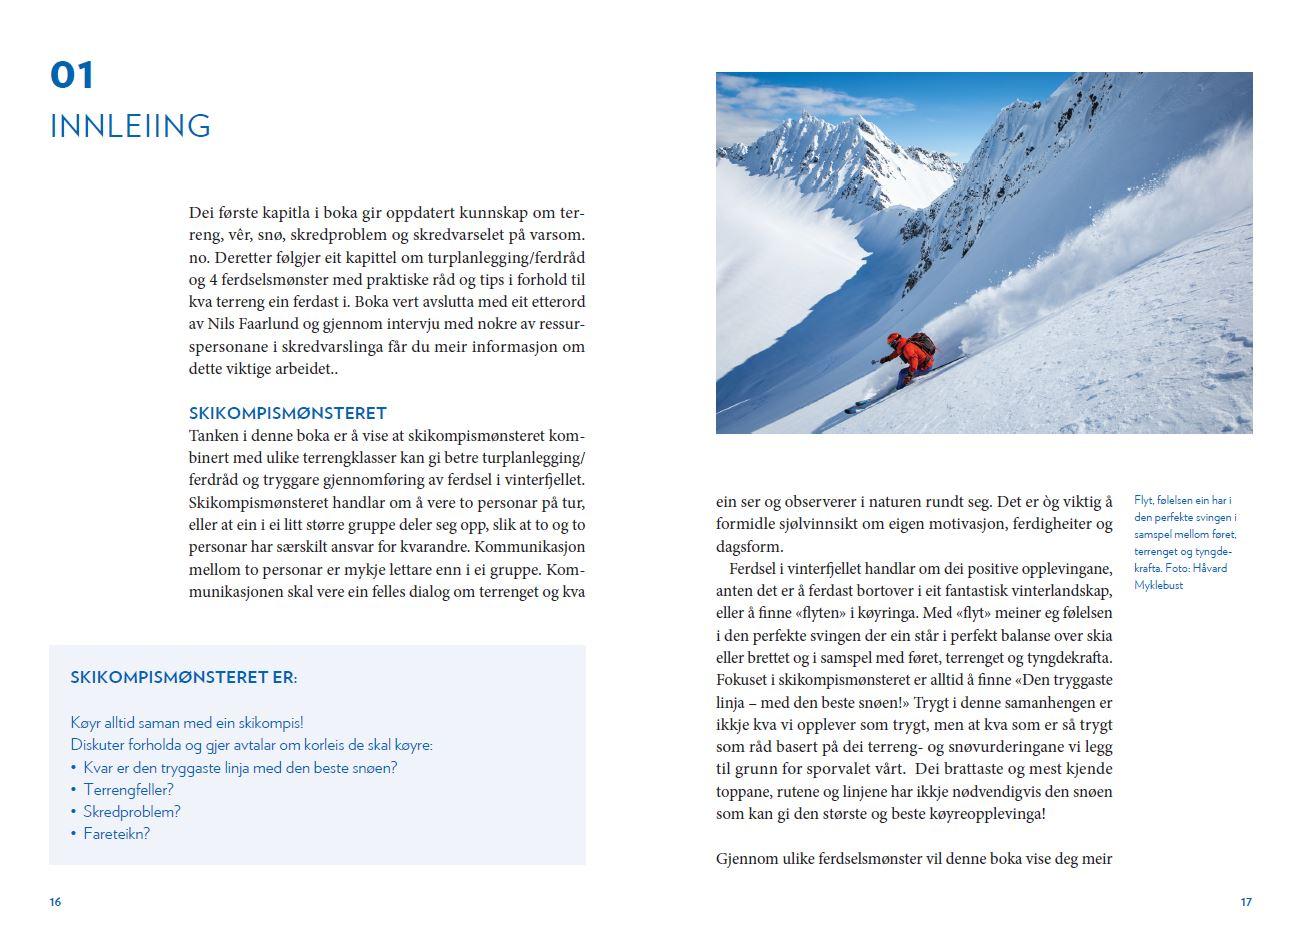 Skikompis - Snøskred og trygg ferdsel - oppslag 5